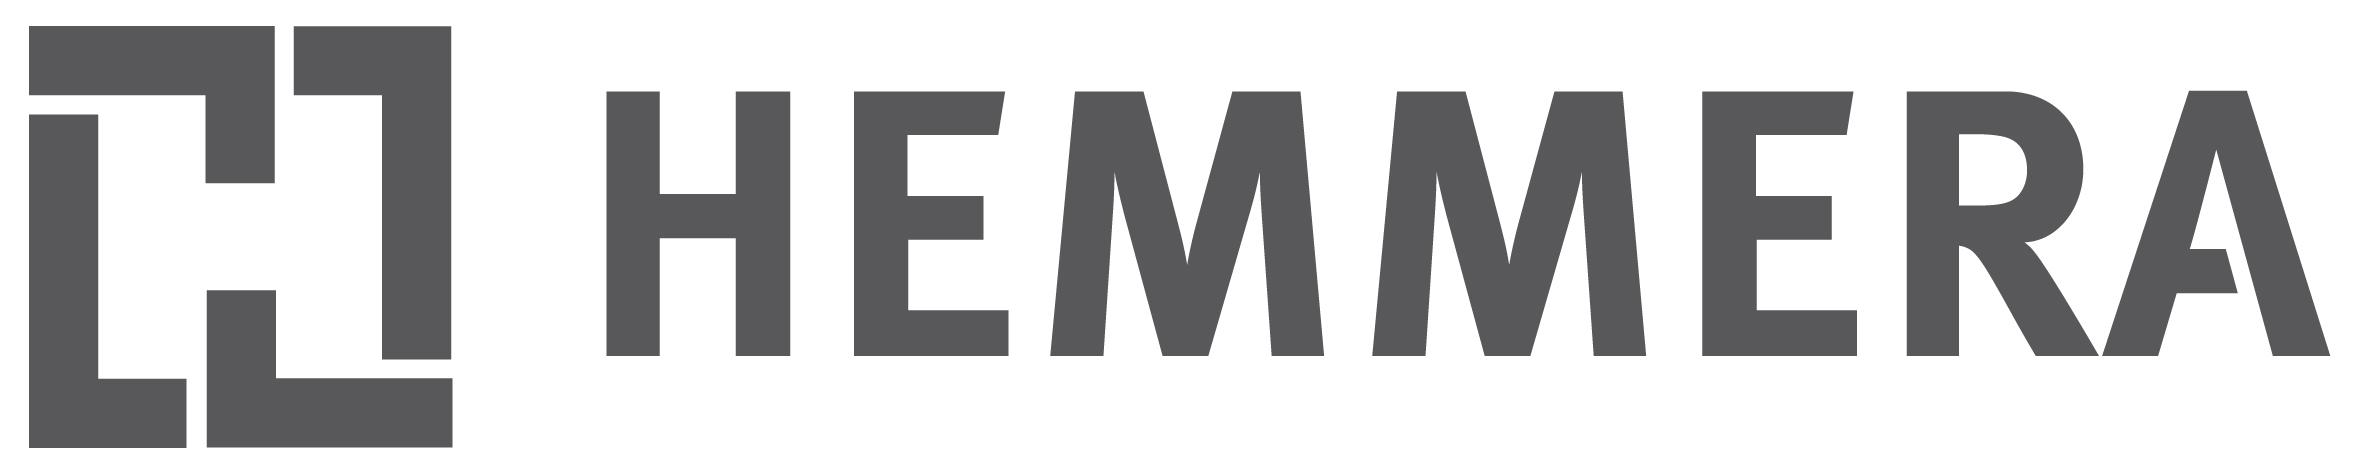 Hemmera